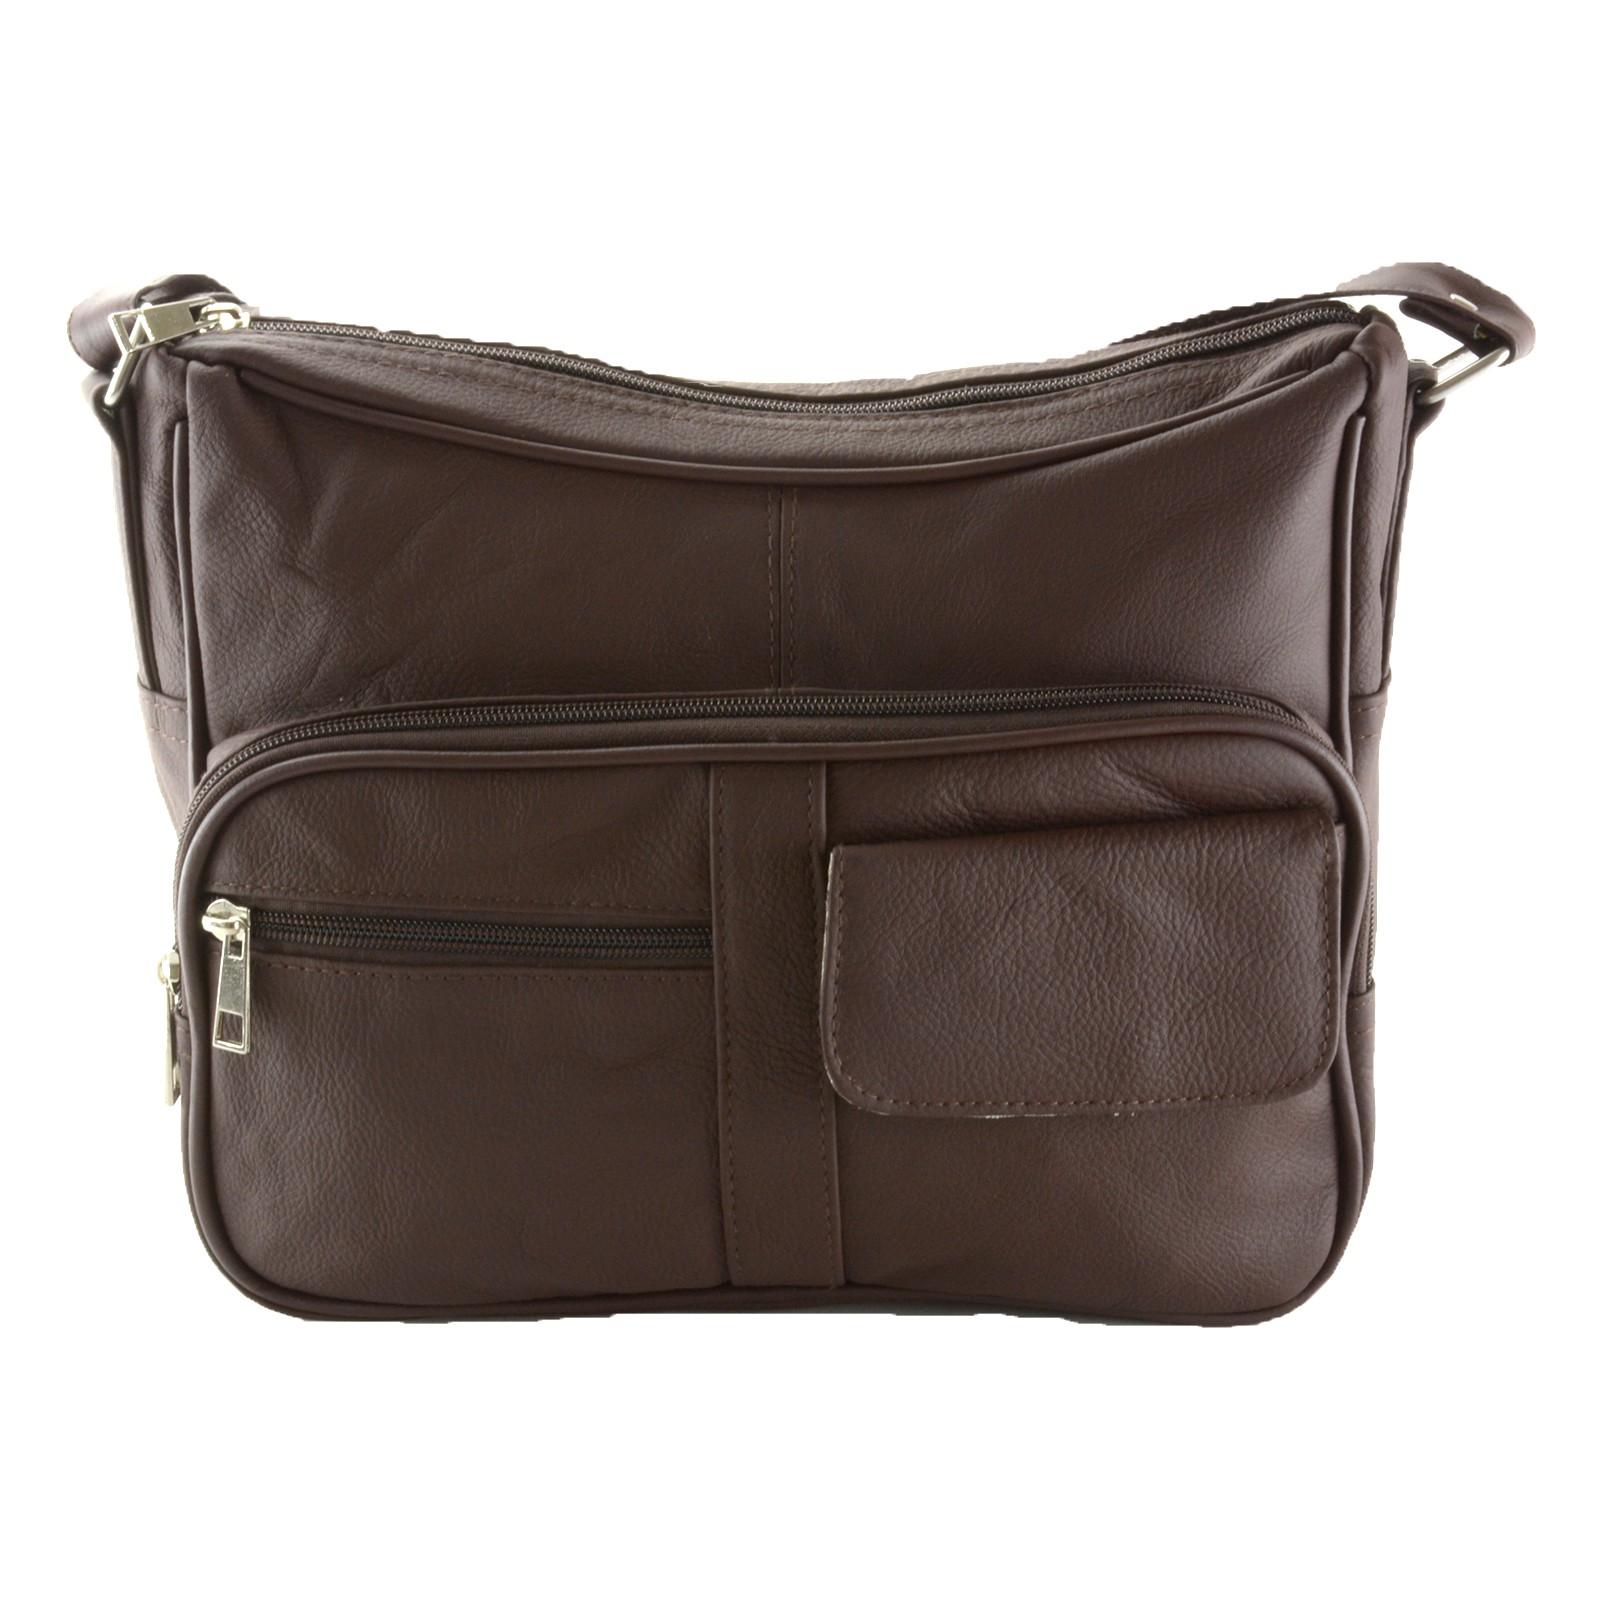 Women s Leather Organizer Purse Shoulder Bag Multiple Pockets Cross ... 9b63215b29af2